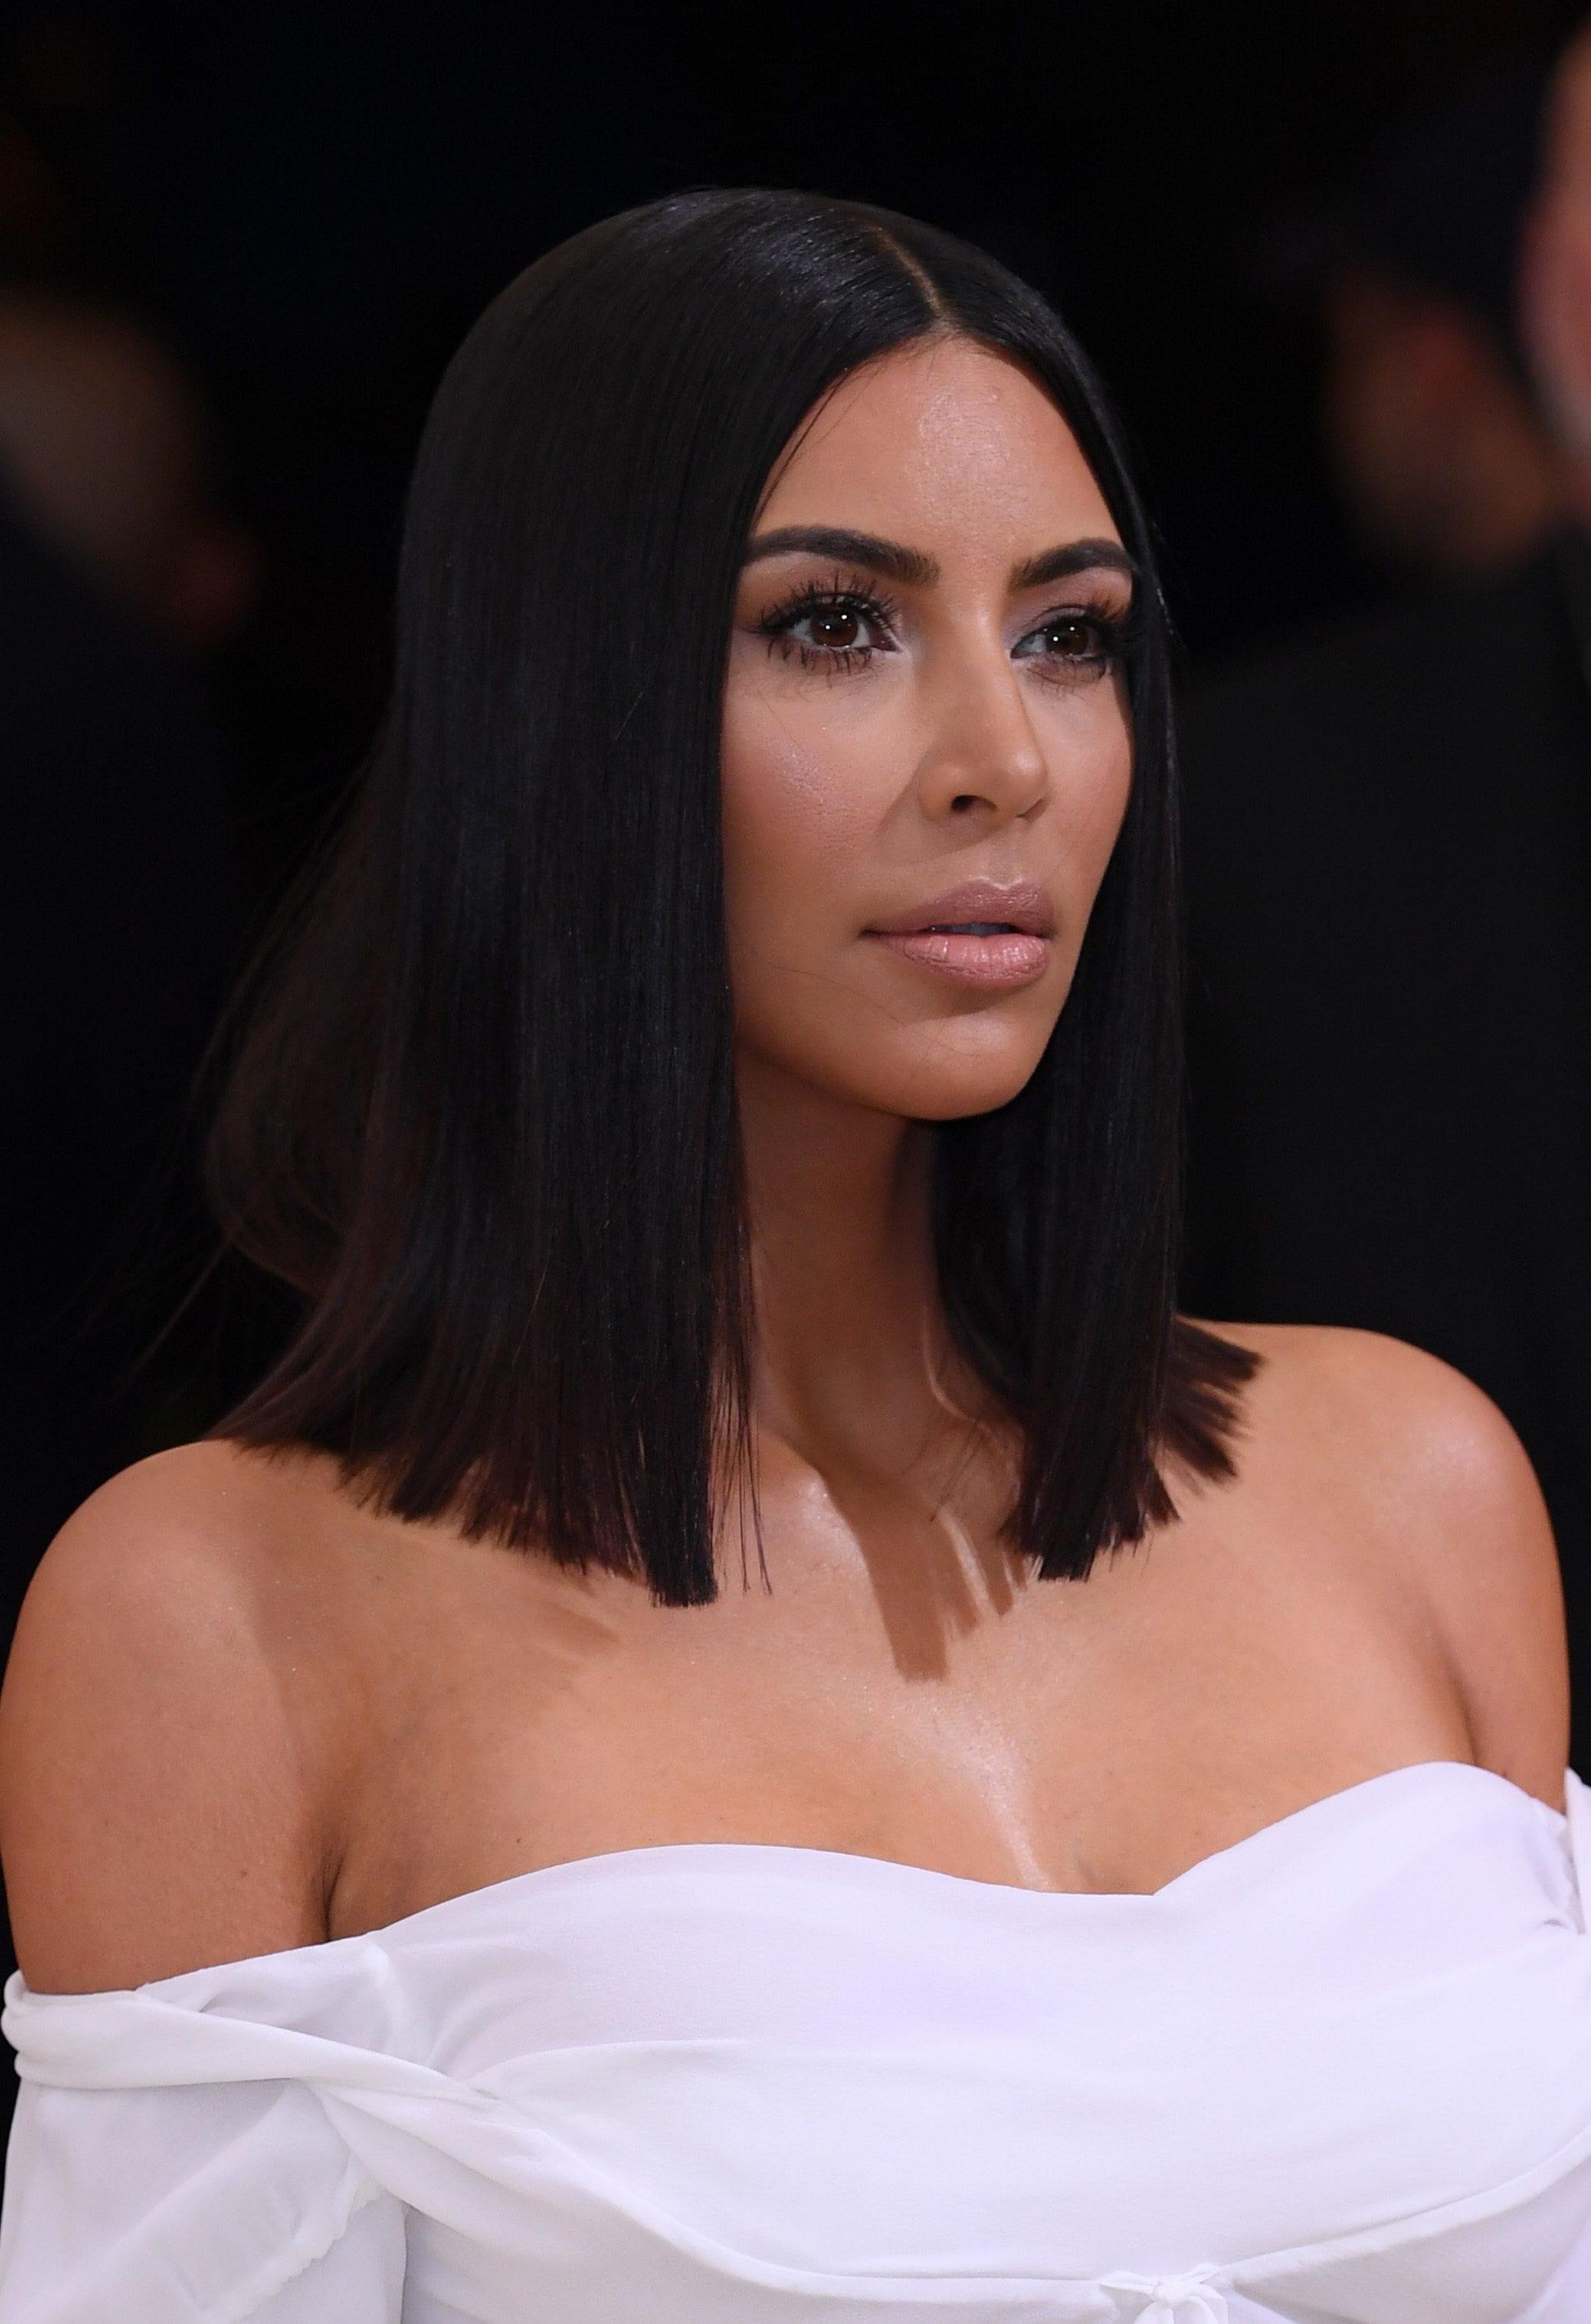 met gala hair: kim kardashian west with sleek lob hairstyle and white dress at met gala